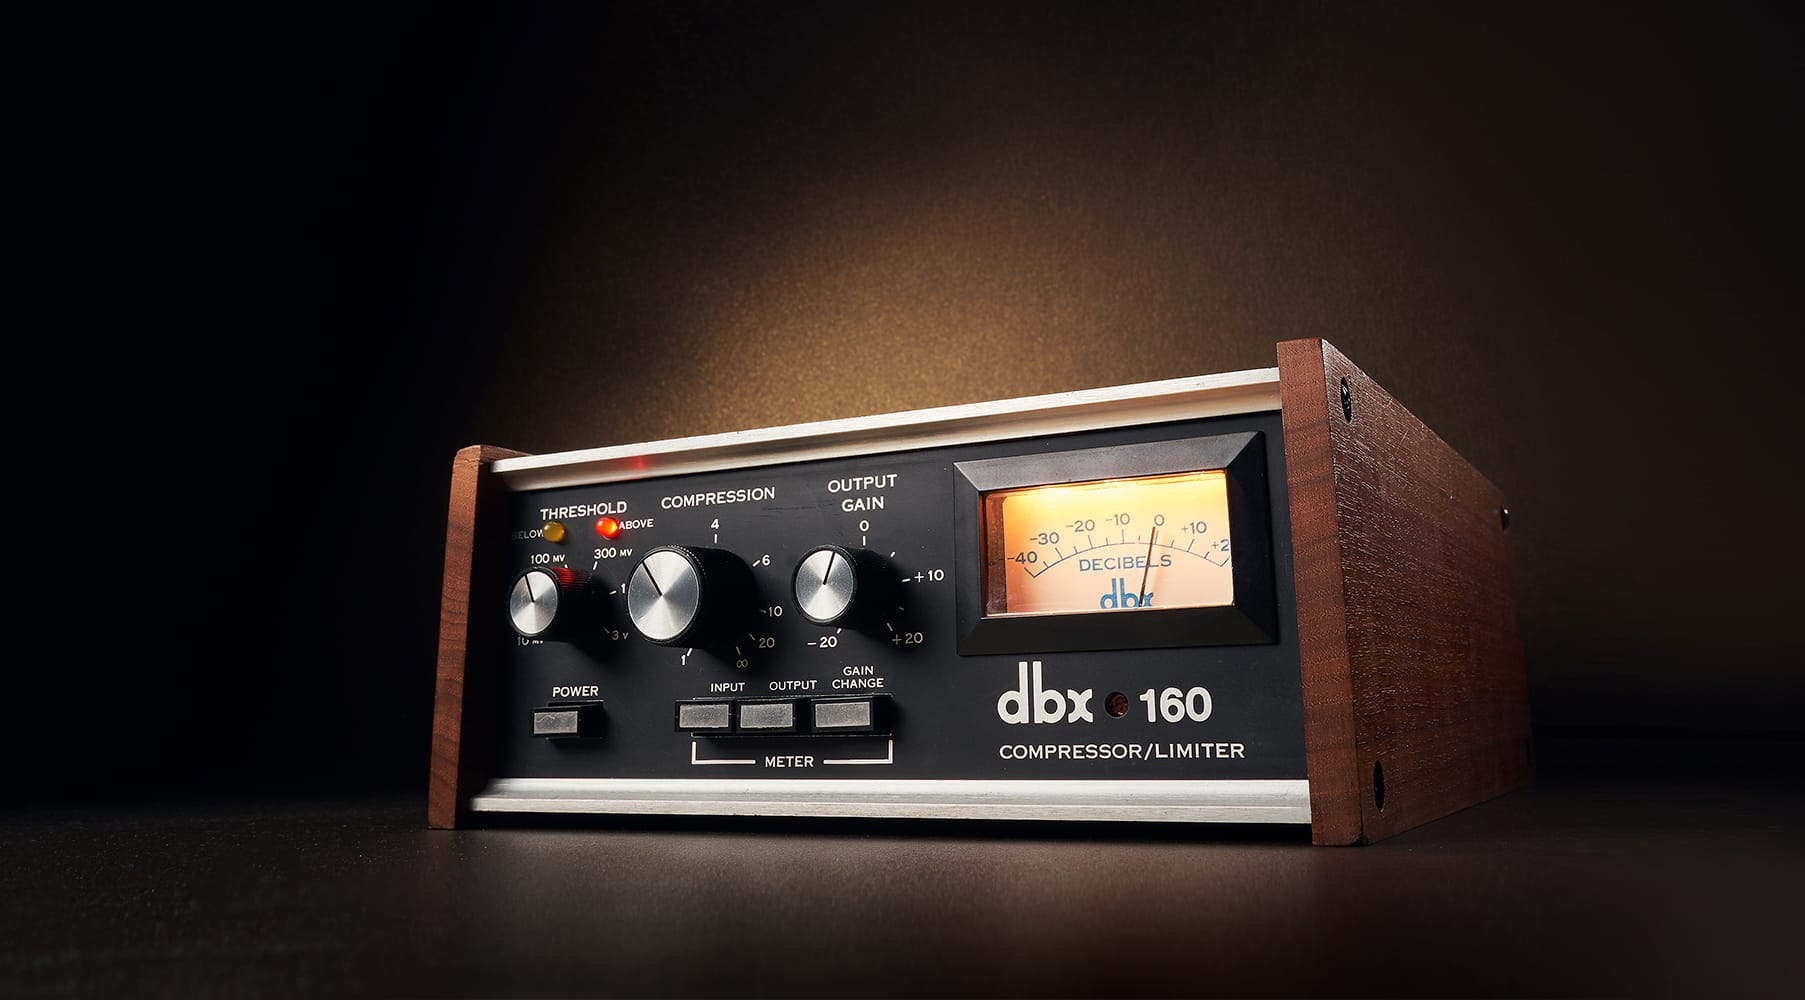 dbx® 160 Compressor/Limiter